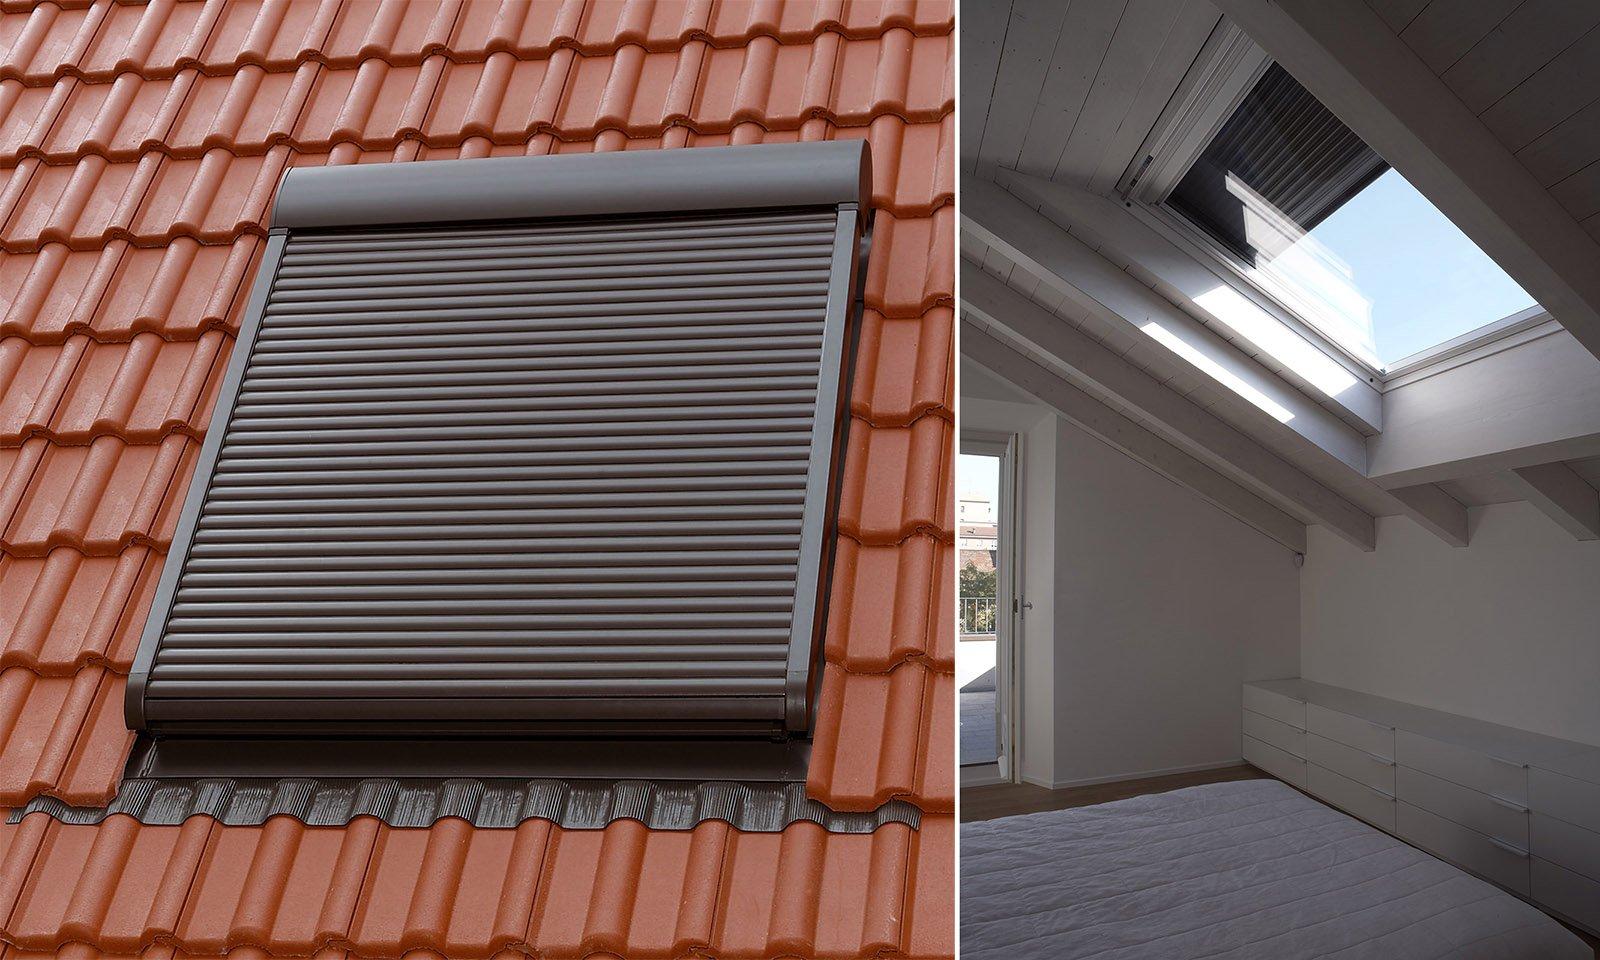 Prezzi tapparelle elettriche velux terminali antivento - Dimensioni finestre velux ...